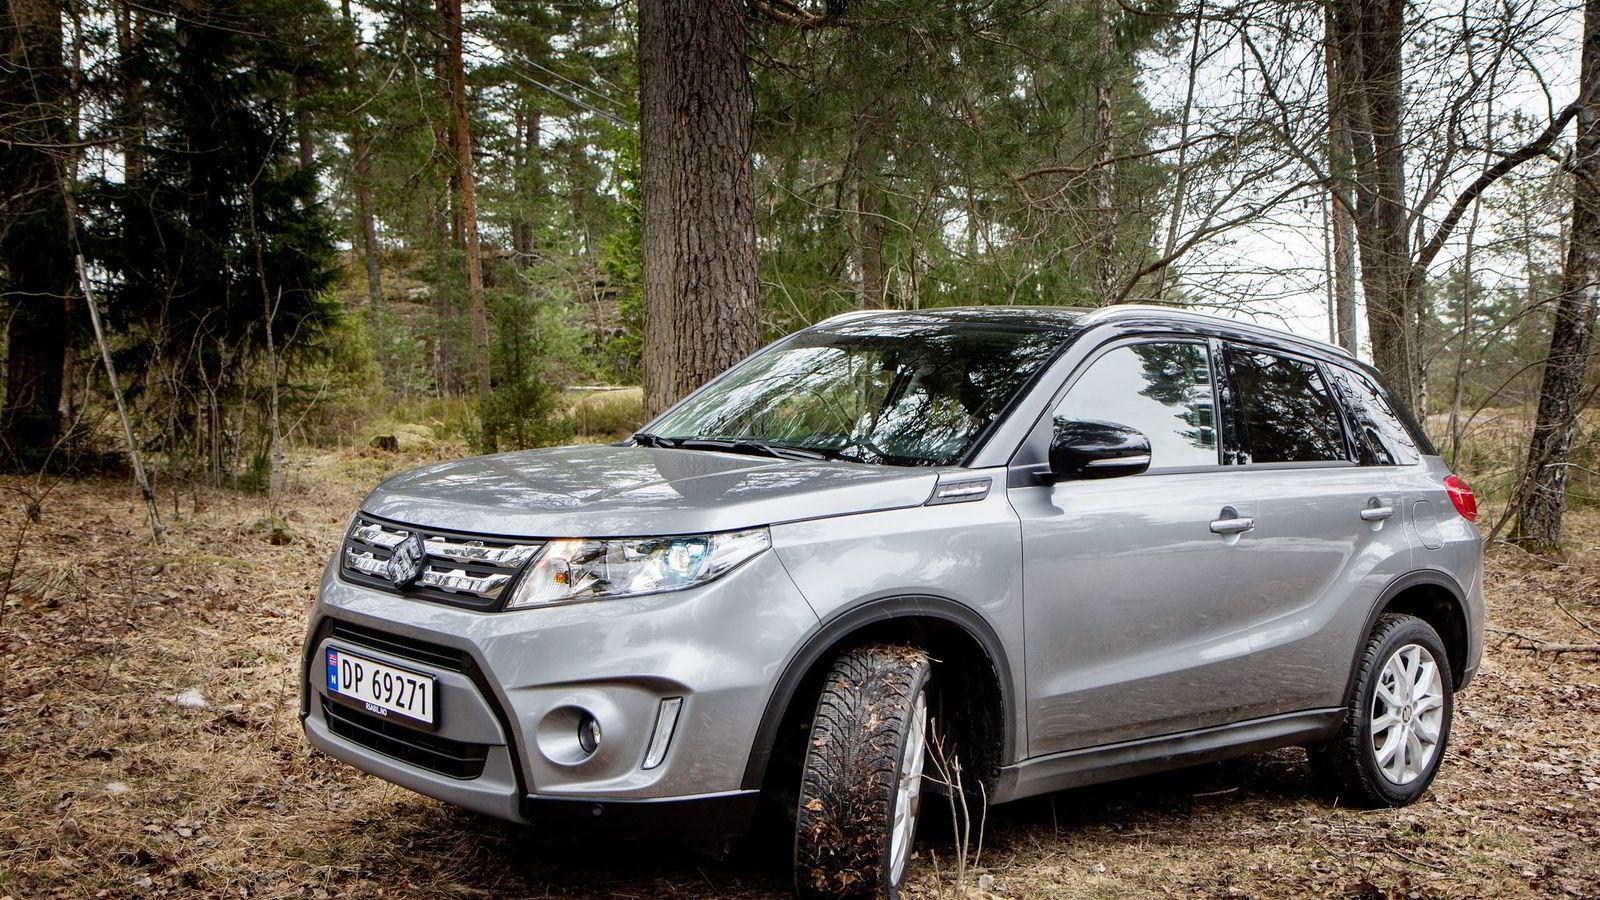 Ny bestselger? Importøren har et mål om å selge 2500 eksemplarer i året av nye Suzuki Vitara.